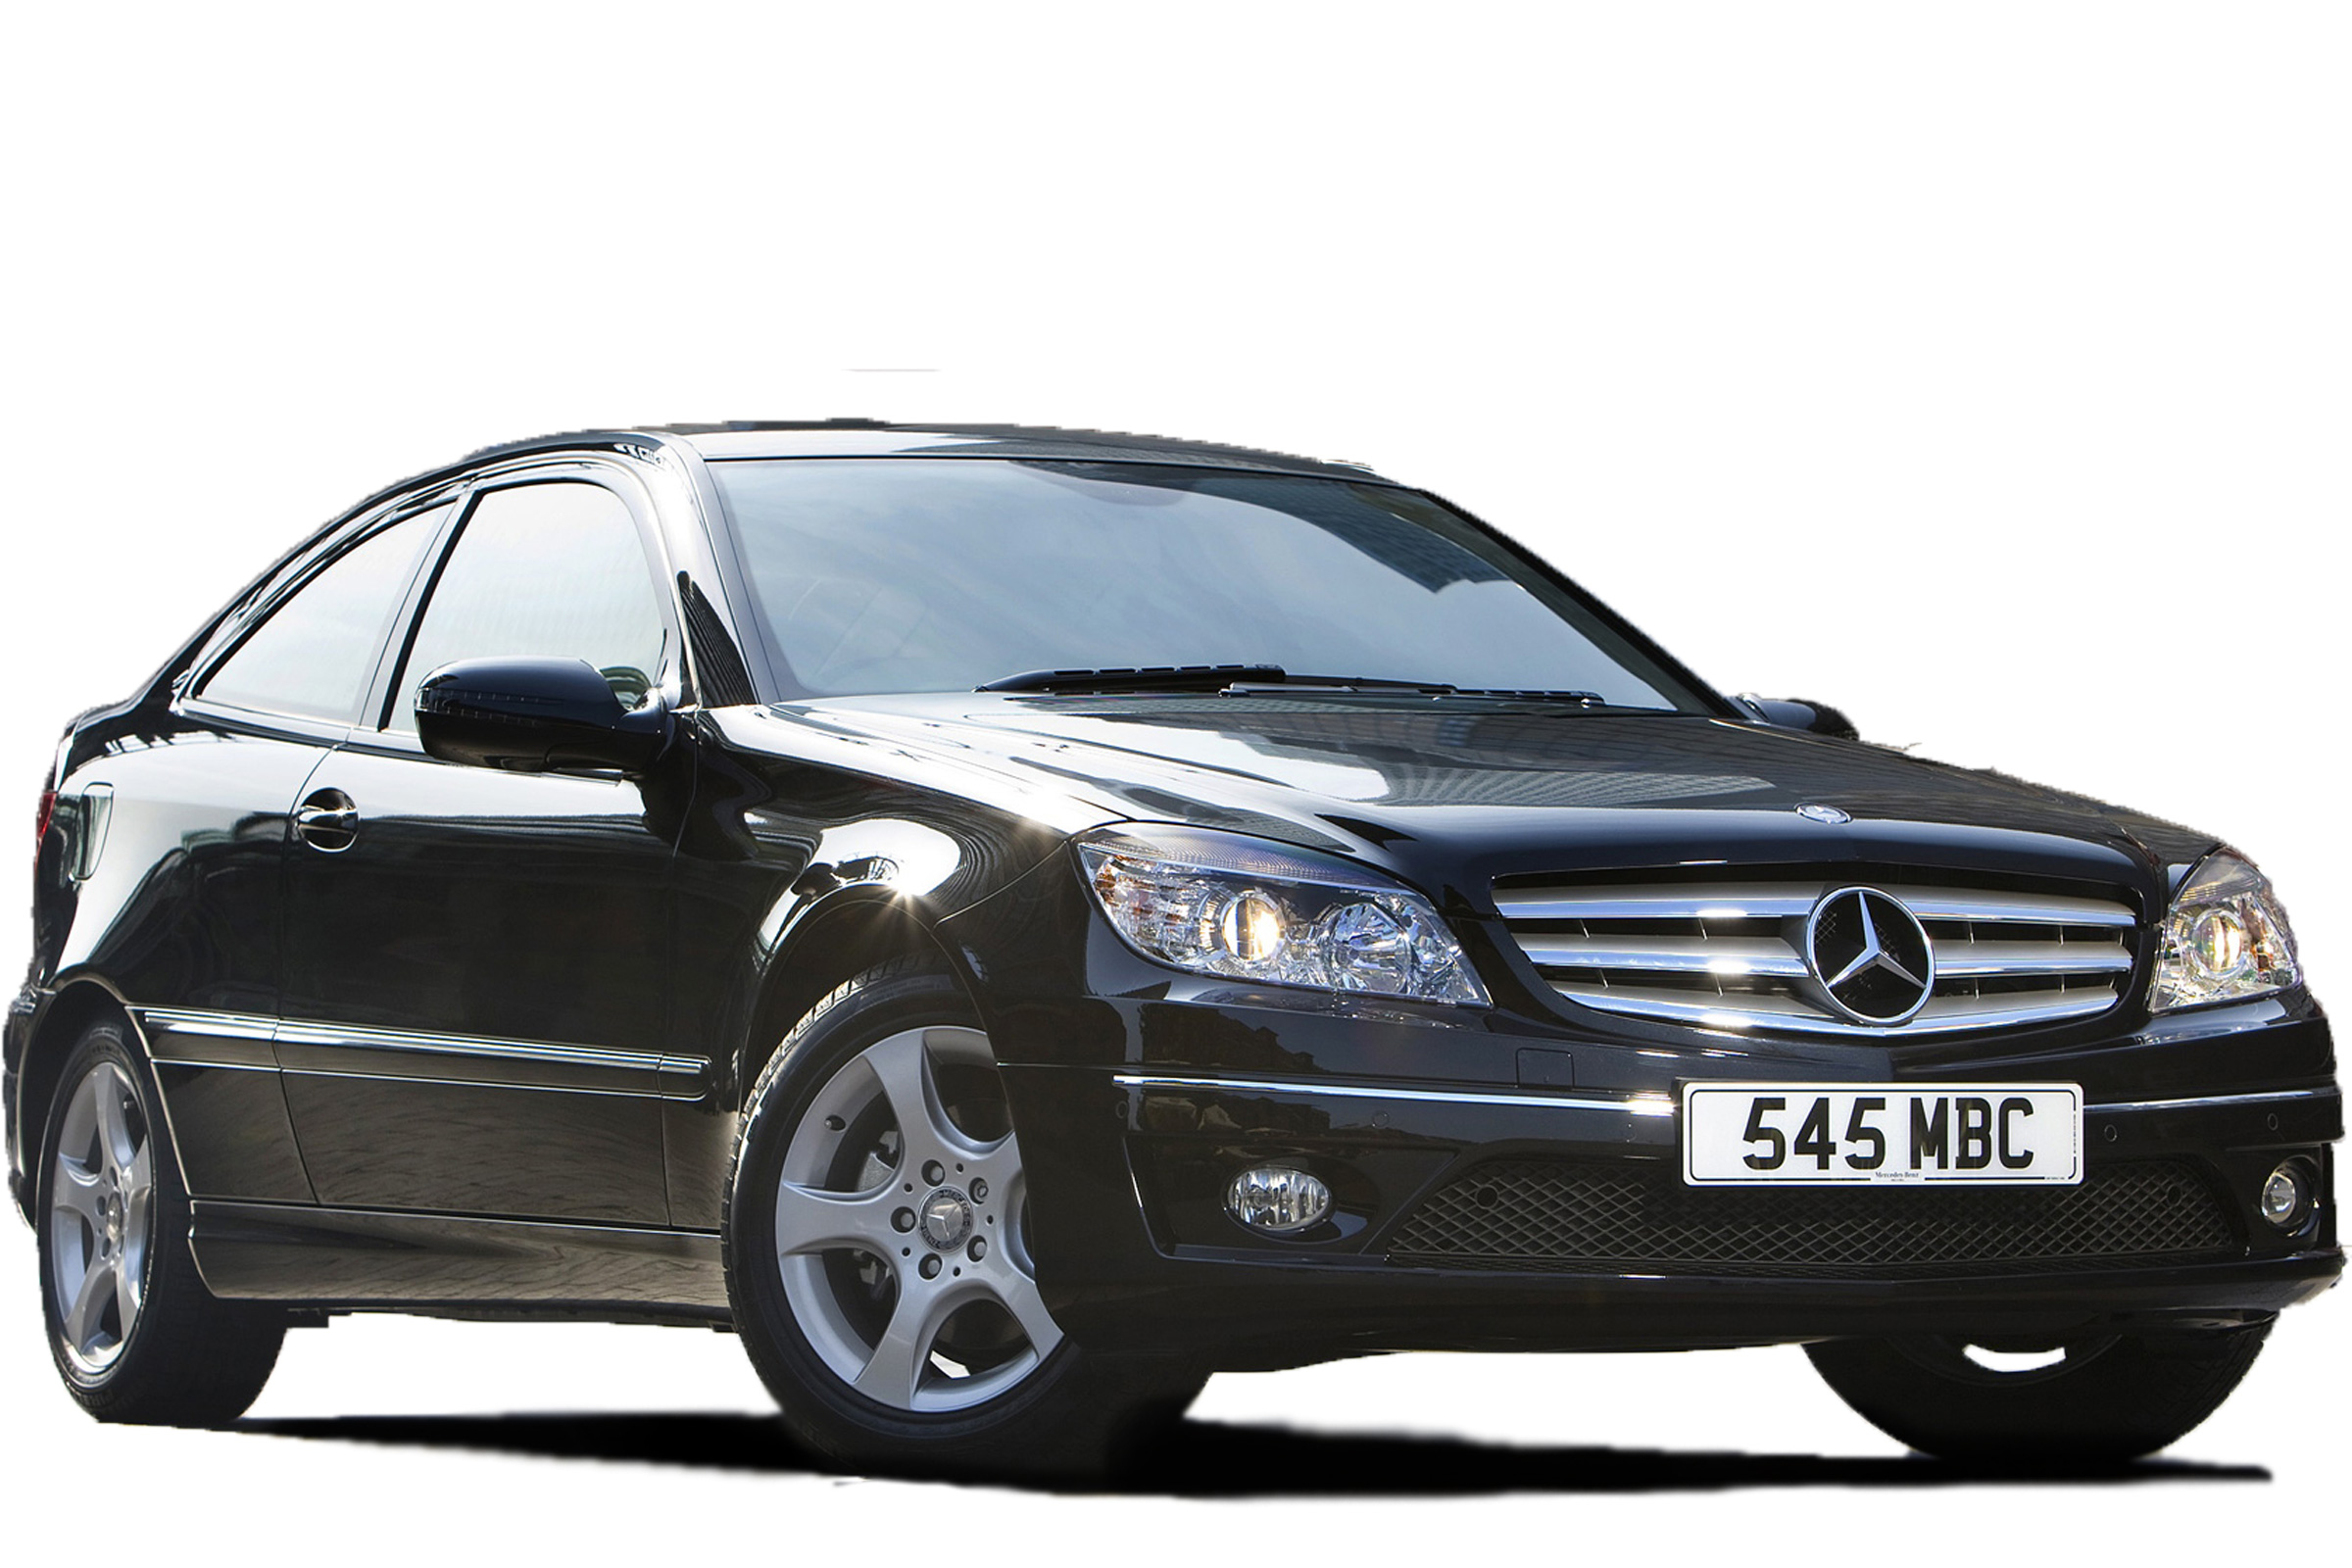 Mercedes CLC 2008-2011